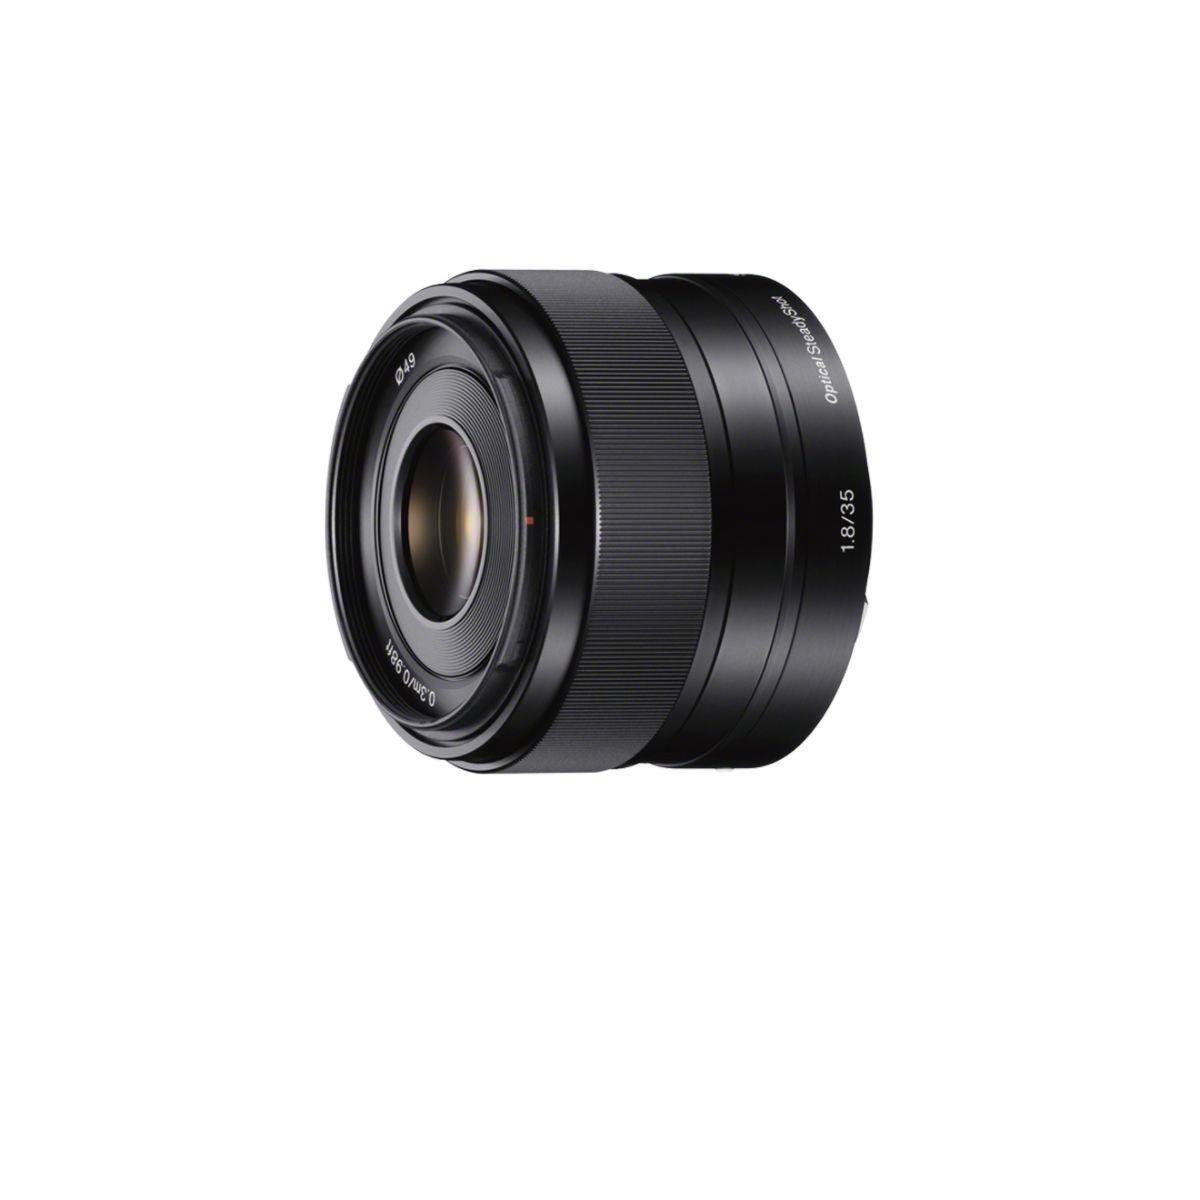 Sony SEL35F18 E-Objektiv E 35 mm f/1,8 OSS | fotografieren ...